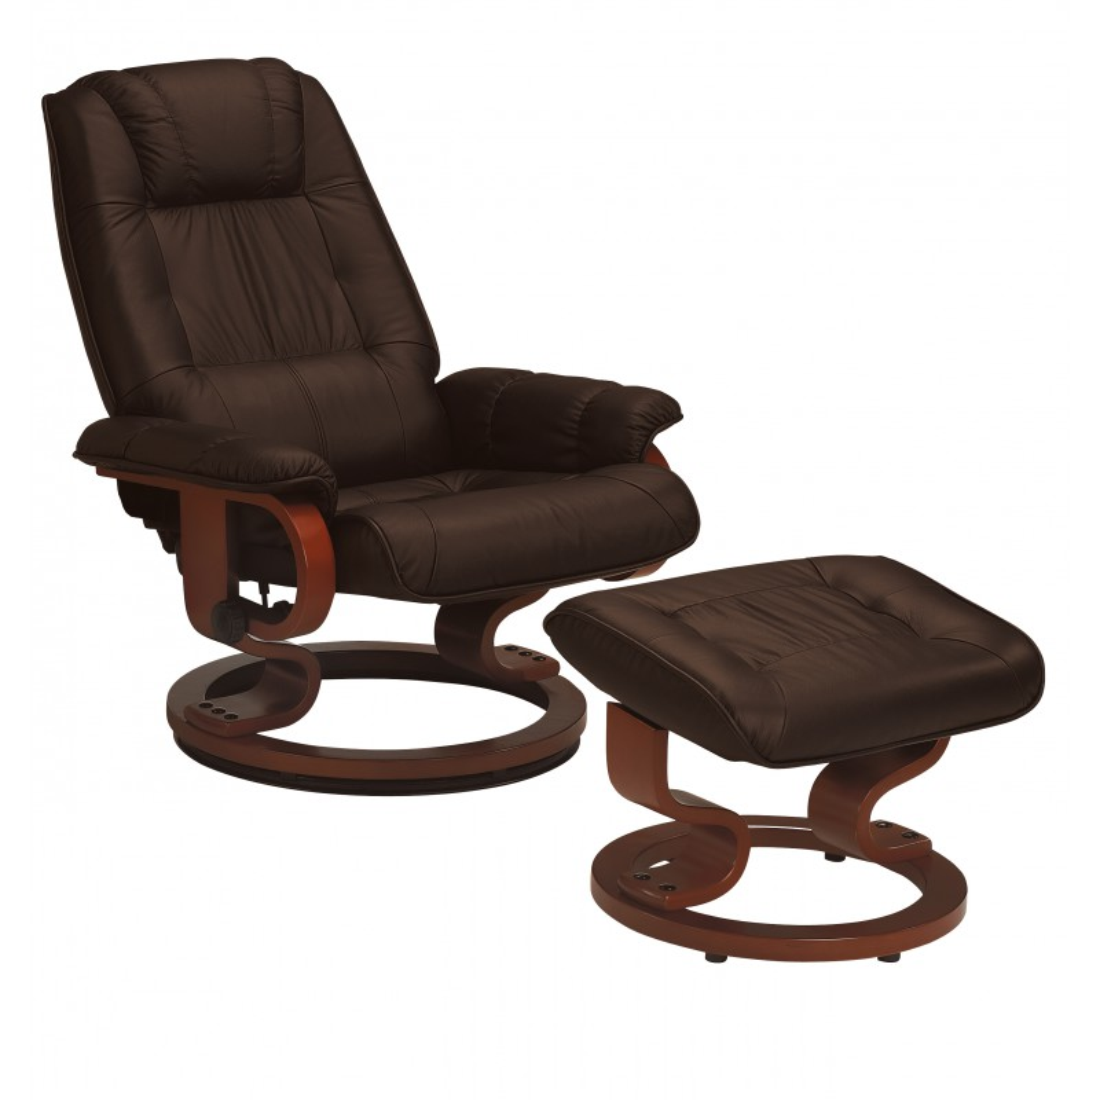 fauteuil de relaxation cuir moka univers du salon tousmesmeubles. Black Bedroom Furniture Sets. Home Design Ideas